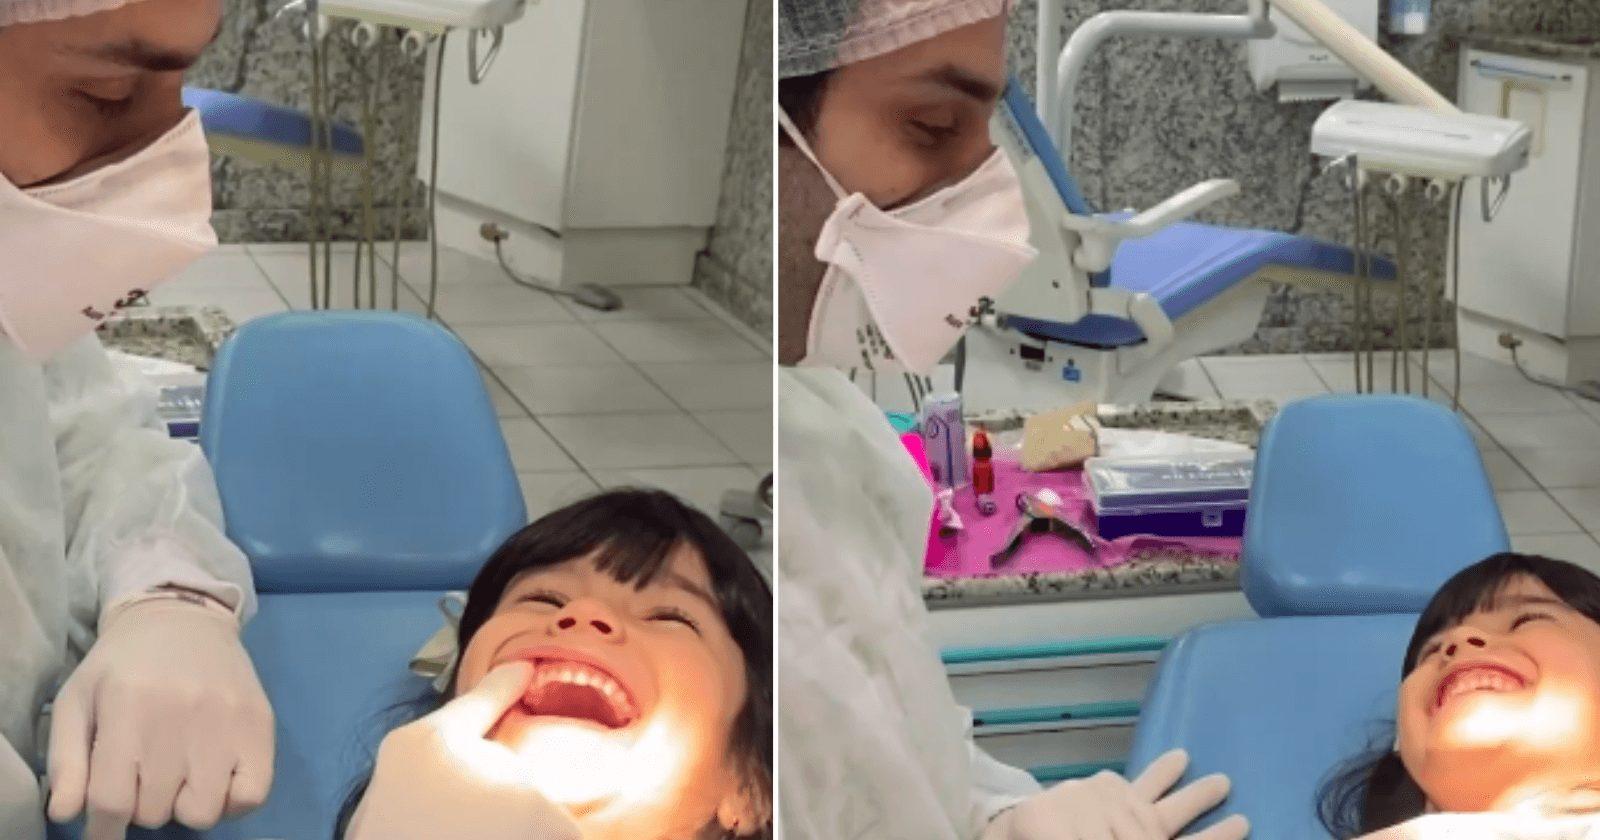 Dentista usa técnica fofa demais para distrair e acalmar crianças